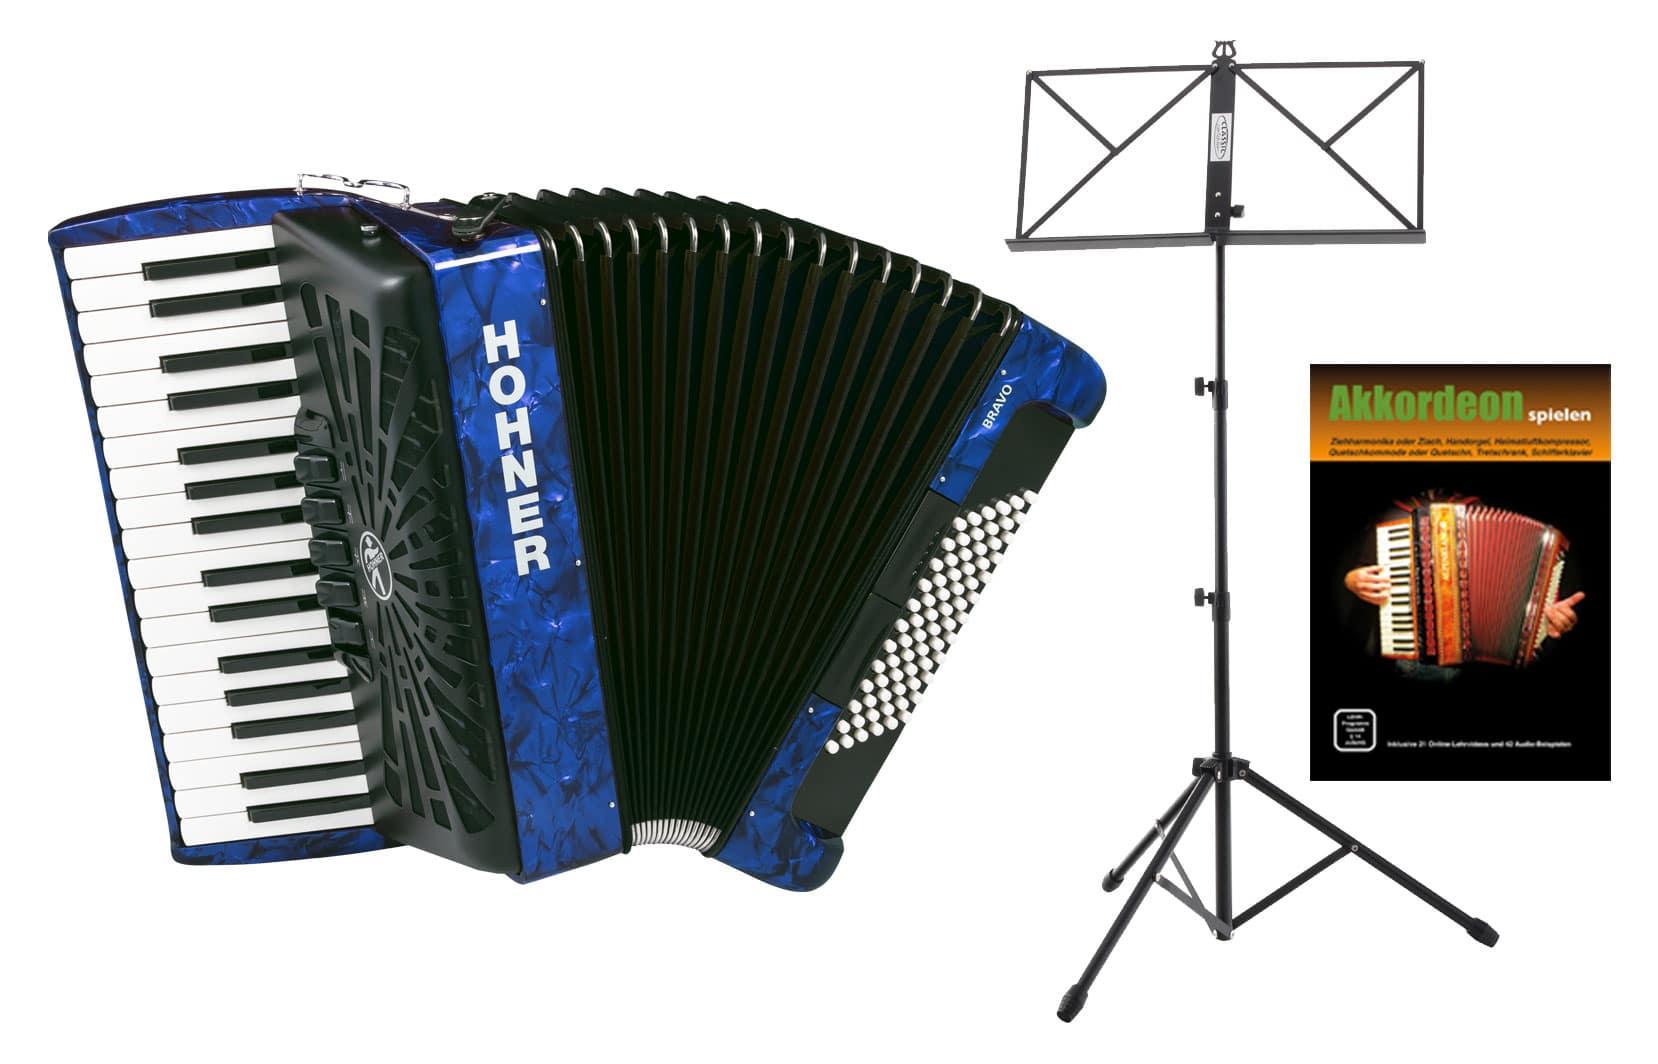 Akkordeons - Hohner Bravo III 72 SilentKey Blau Starter Set - Onlineshop Musikhaus Kirstein